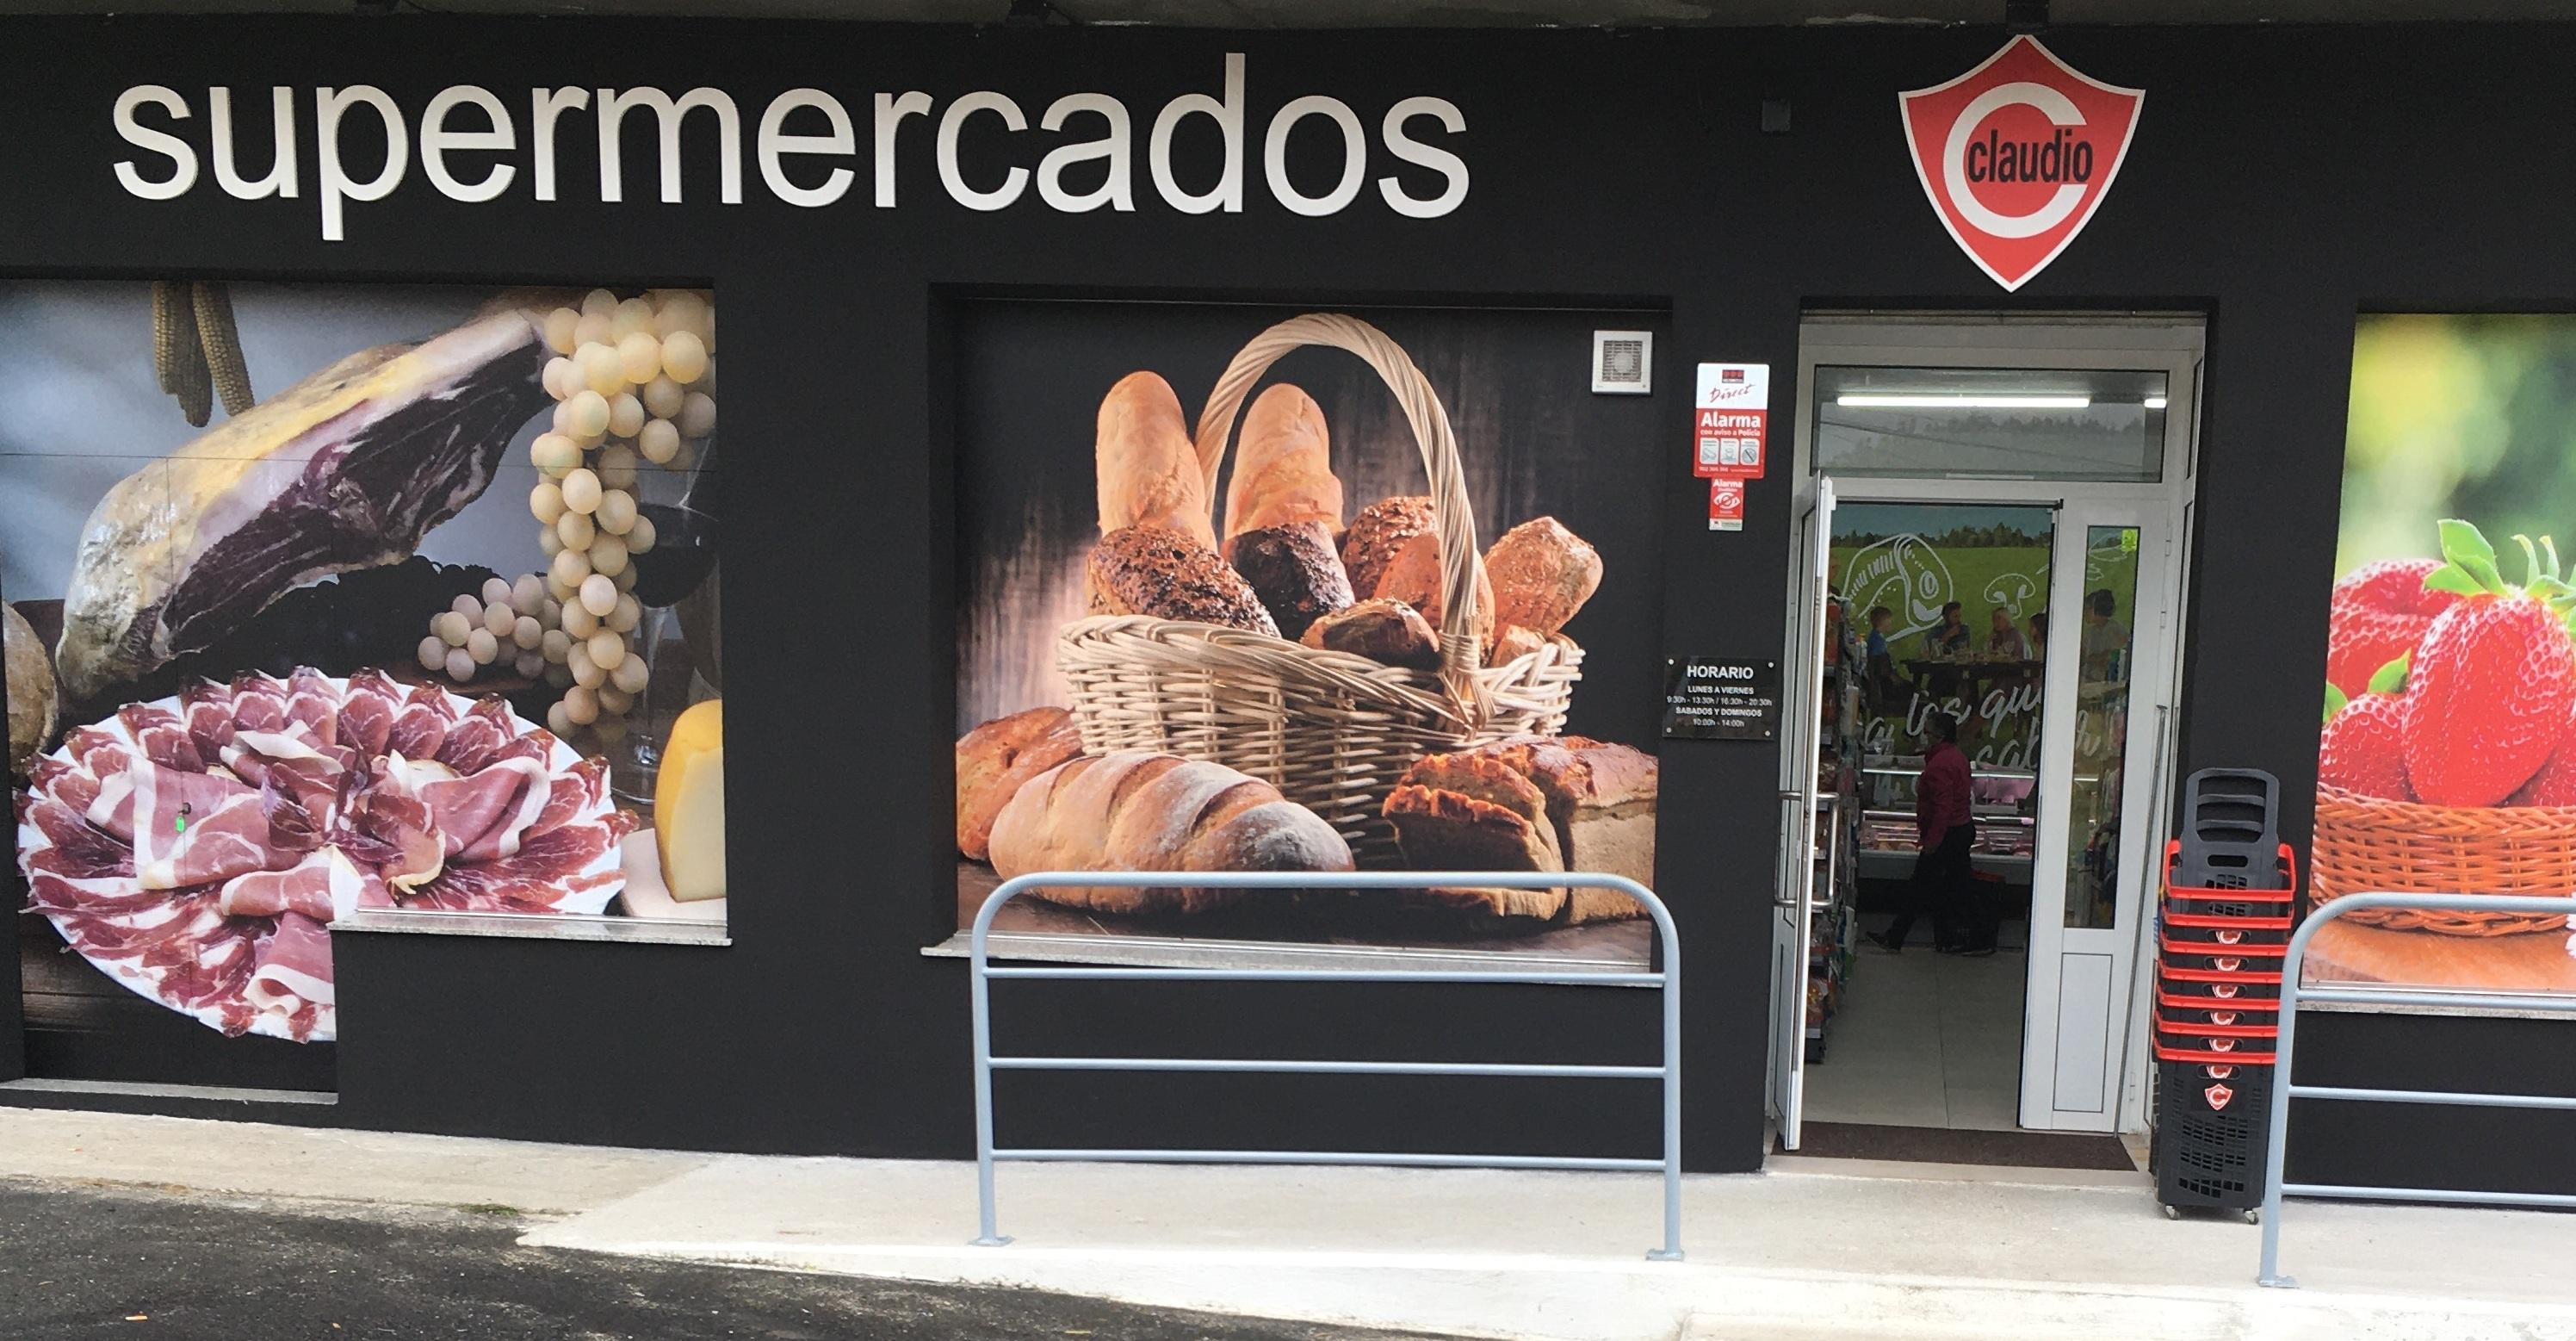 SUMAMOS 190 CLAUDIO FRANQUICIADOS CON UNA APERTURA EN A BAÑA